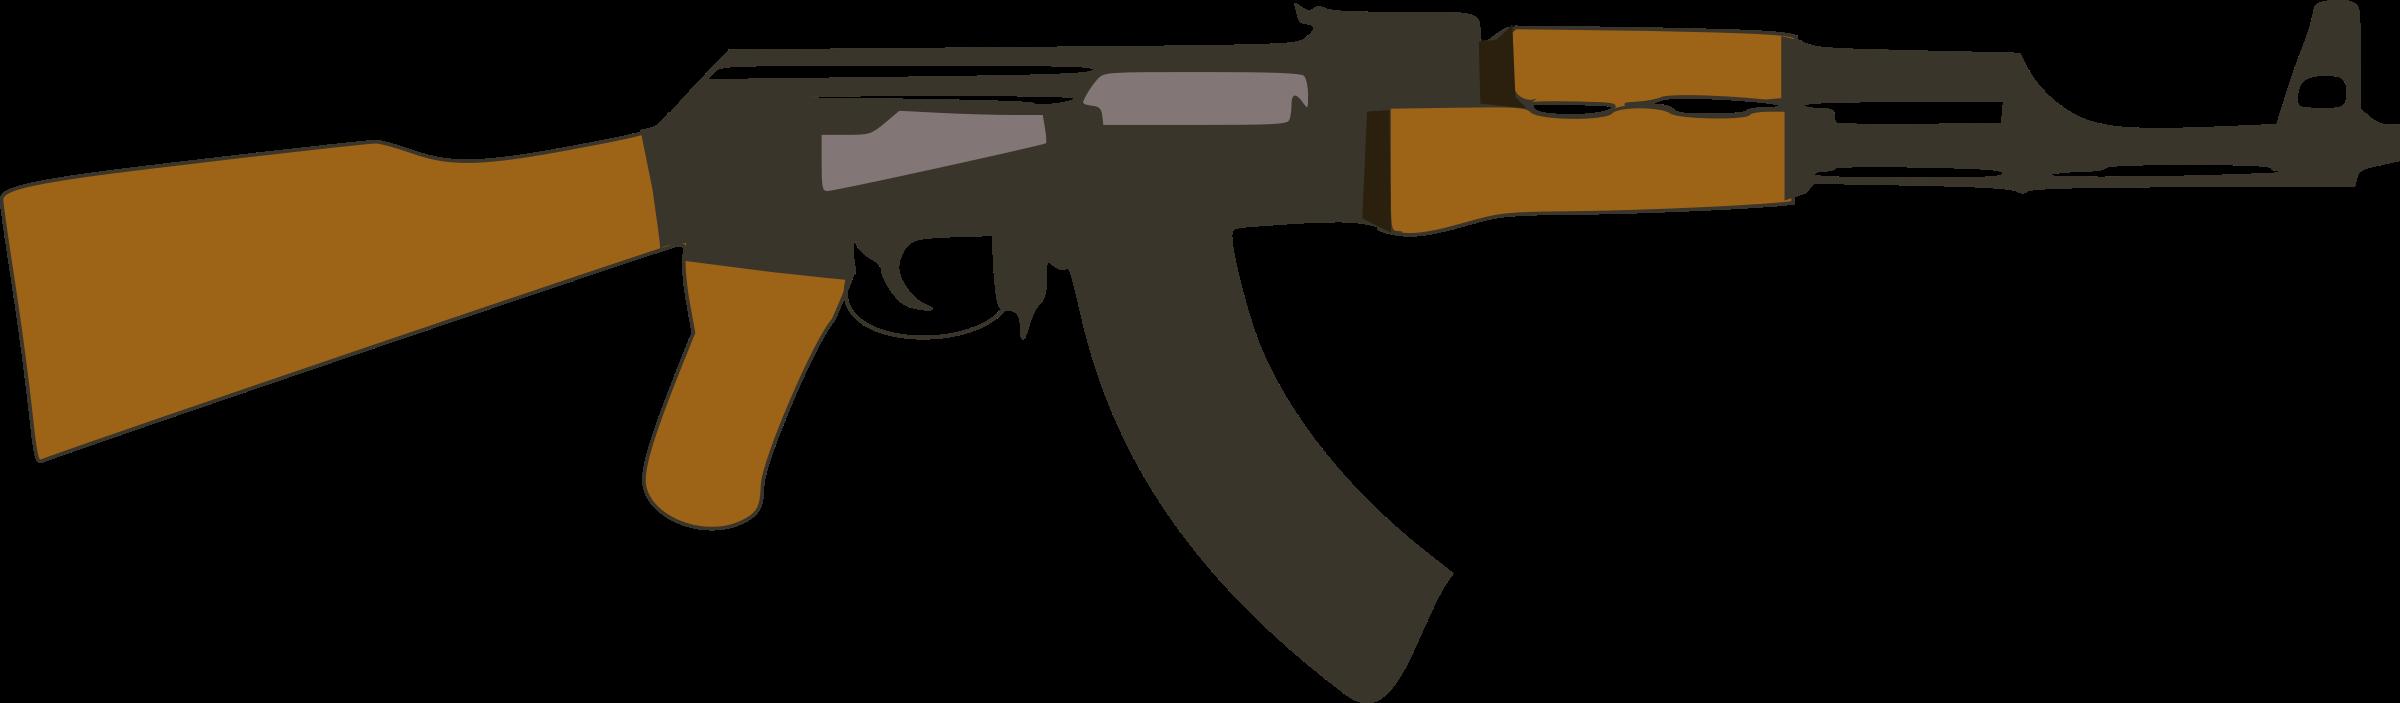 Ak big image png. Gun clipart ak47